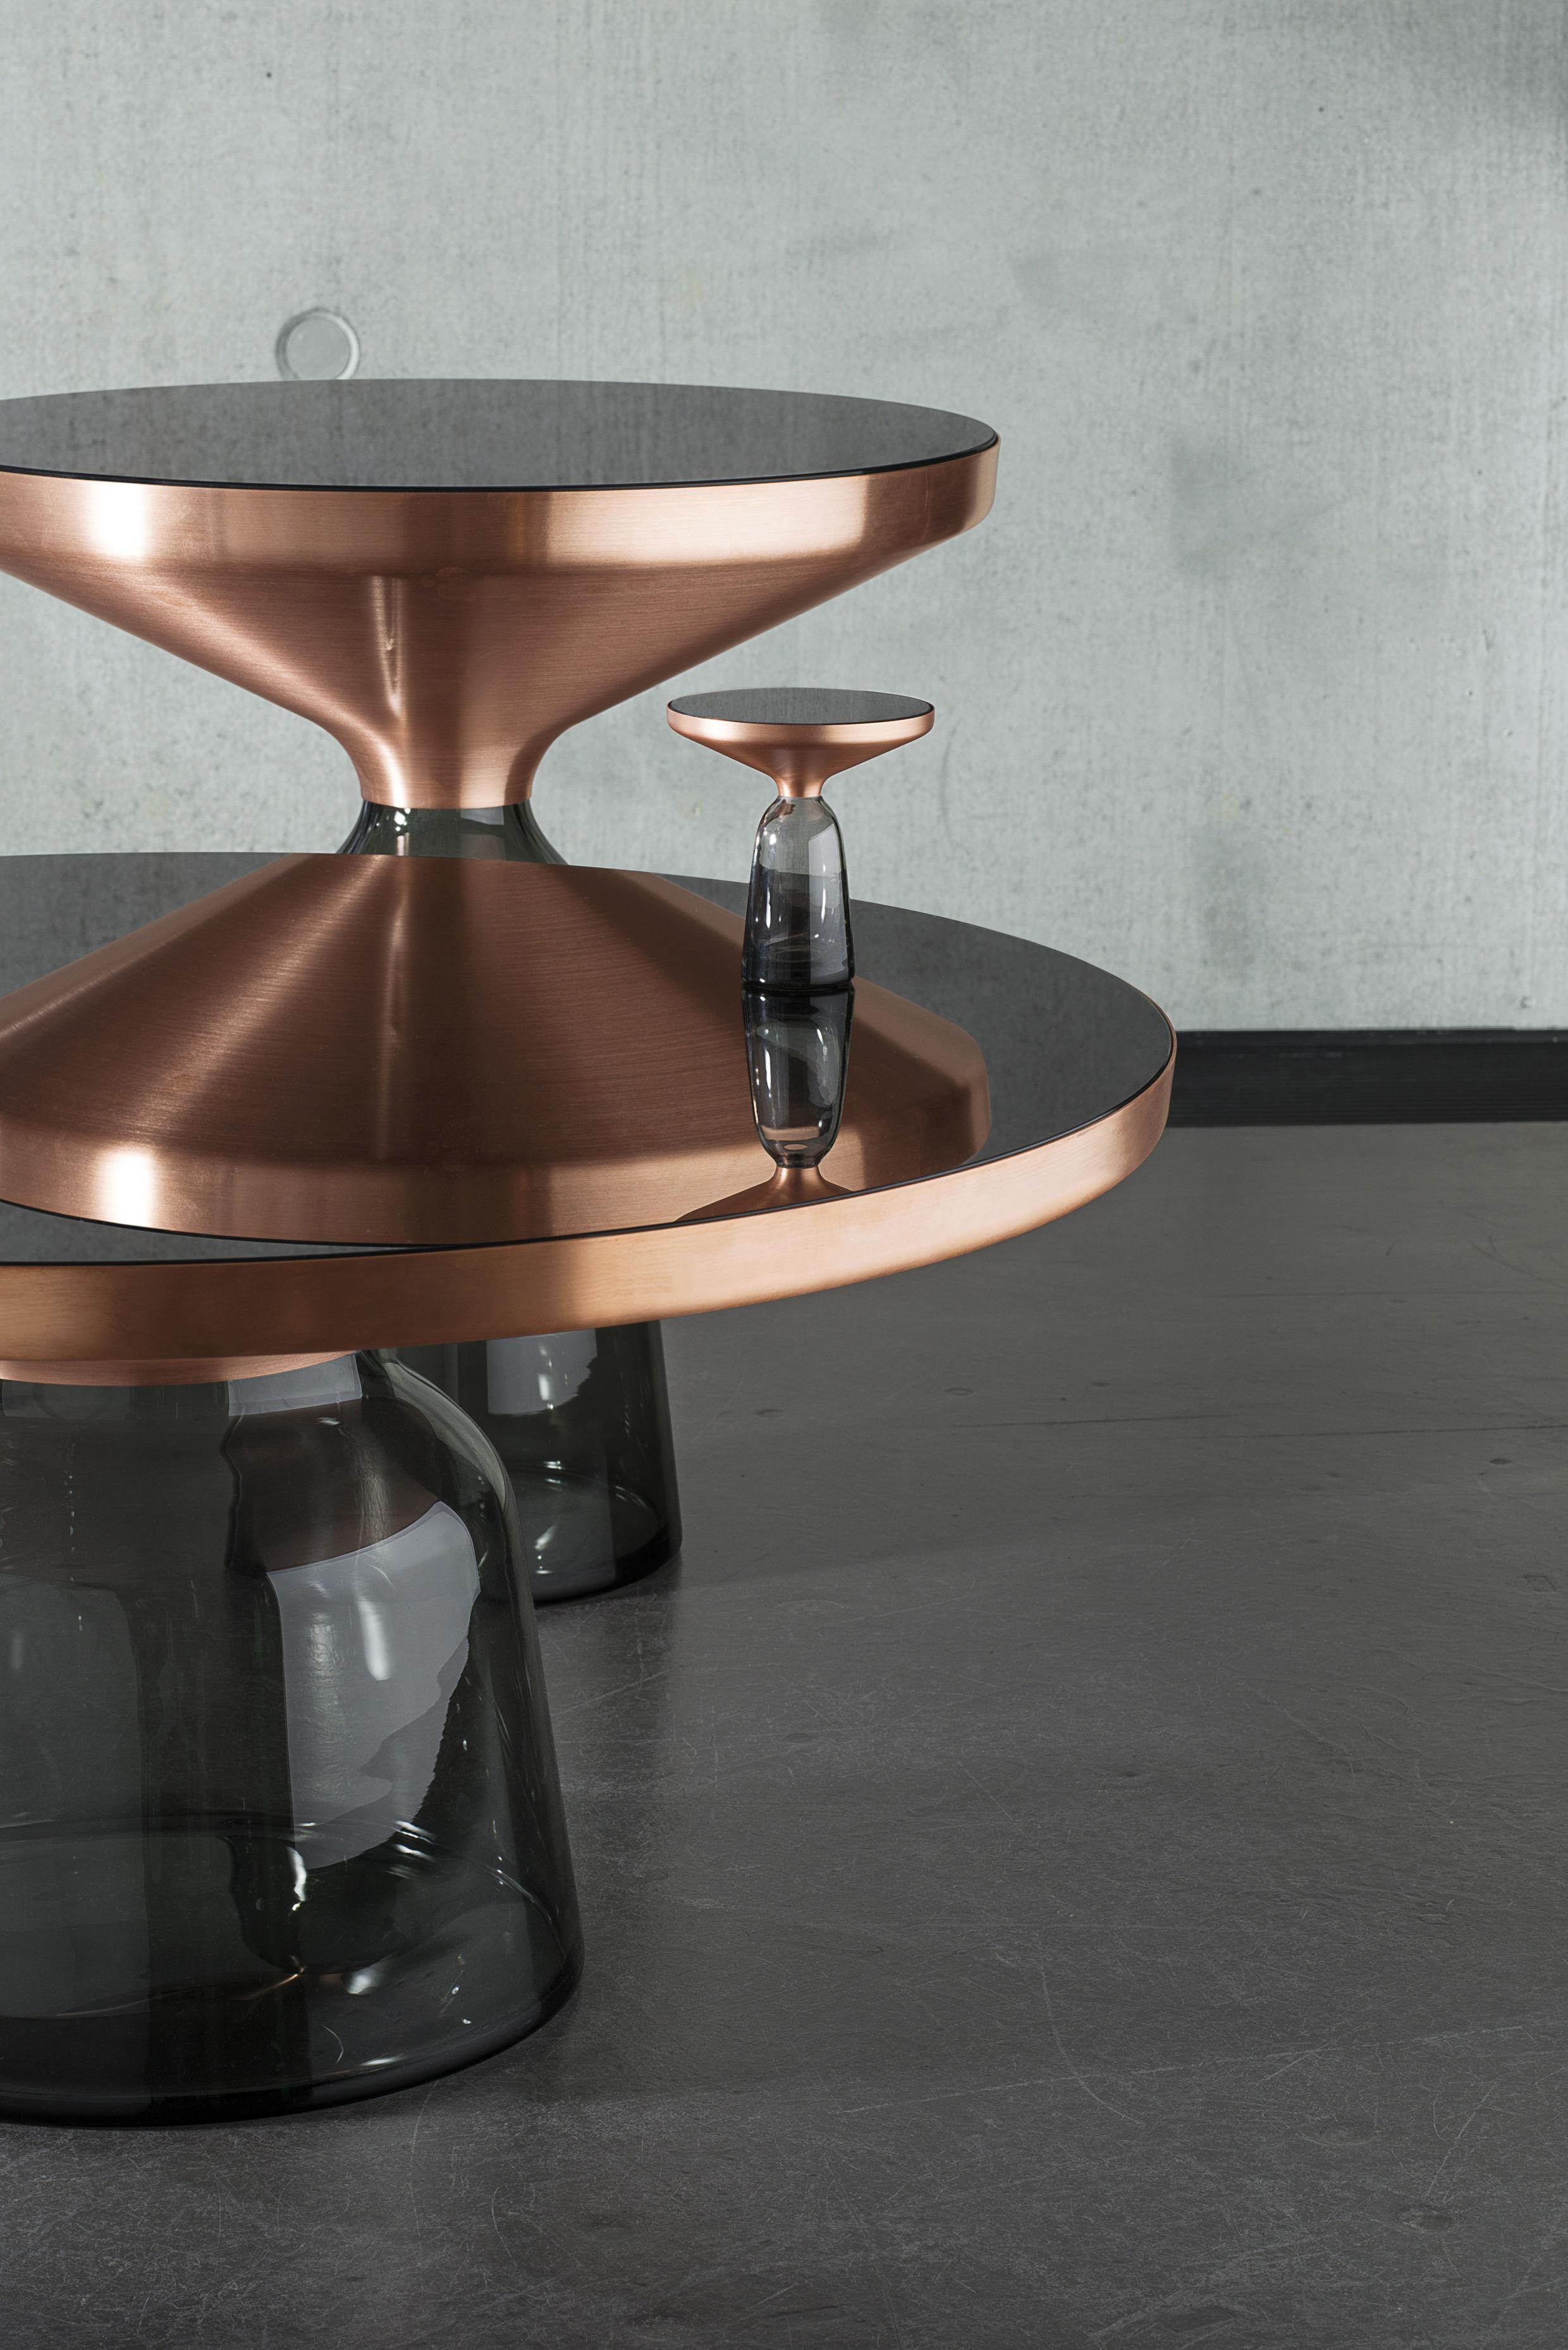 Verre Ø X Table Plateau Classicon Coffee H Cm Basse 75 Bell 36 gf7b6y